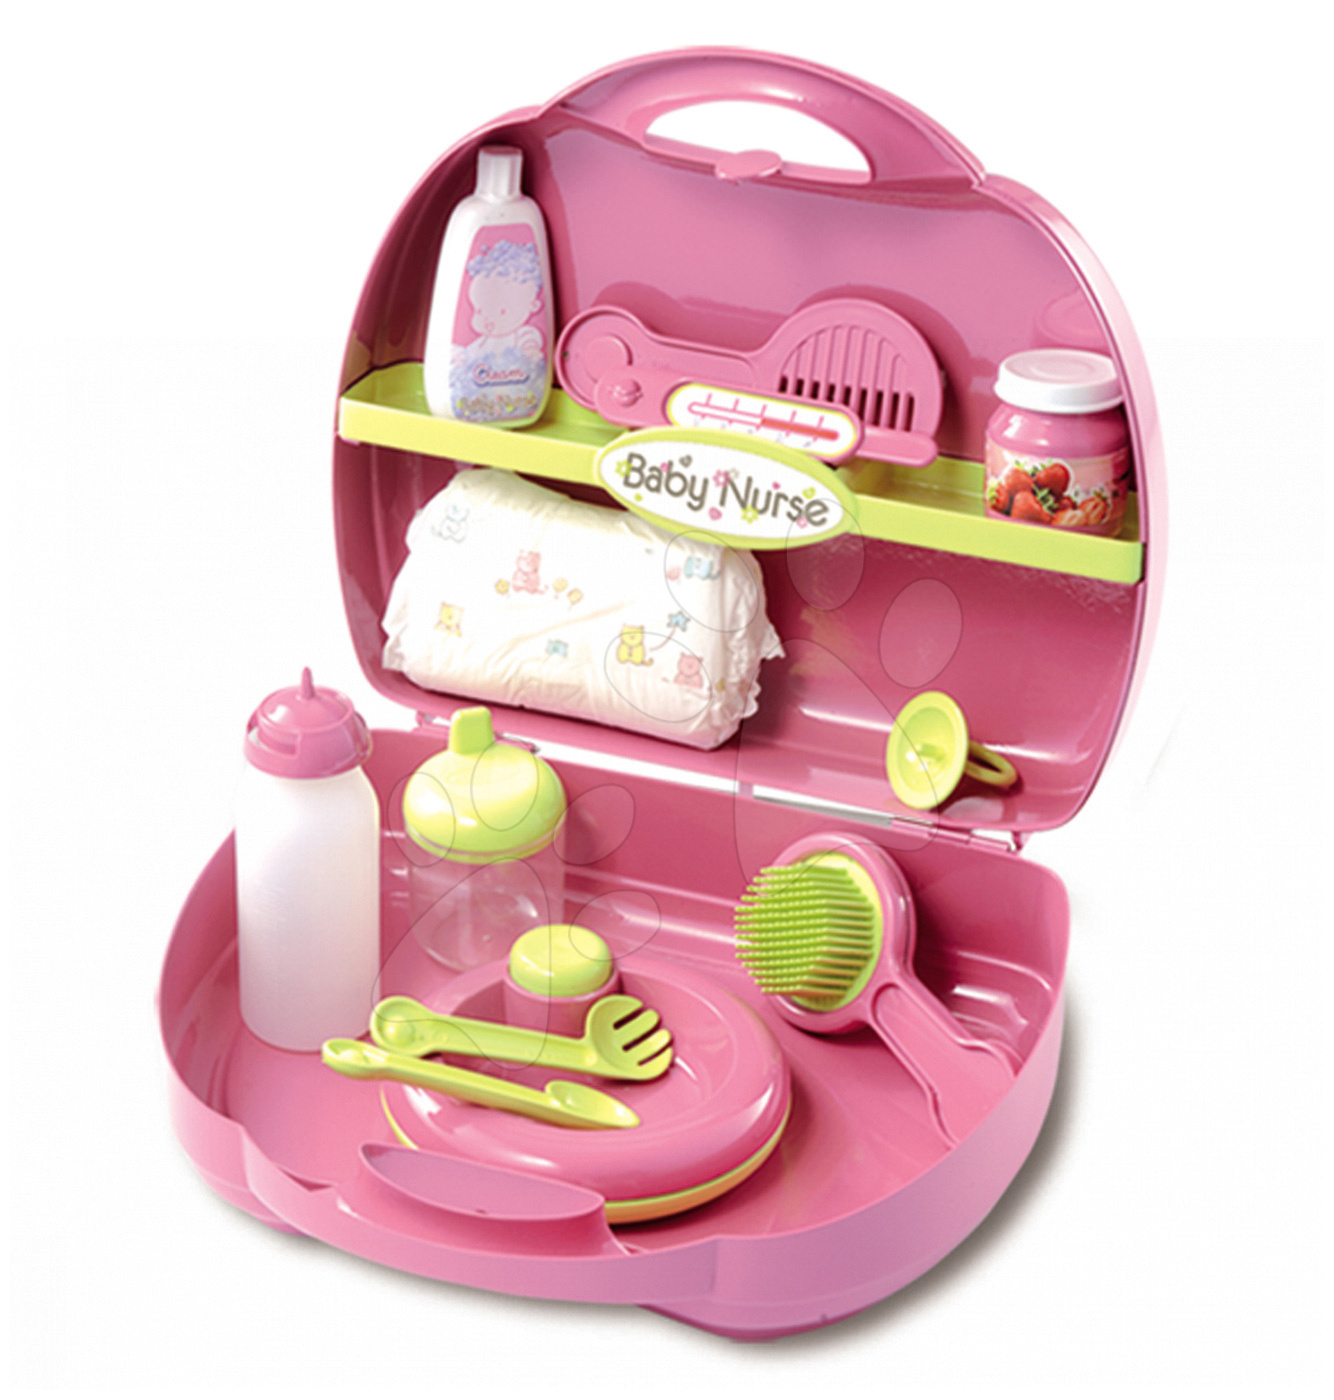 Doplňky pro panenky - Přebalovací set pro panenku Baby Nurse Smoby v kufříku růžový